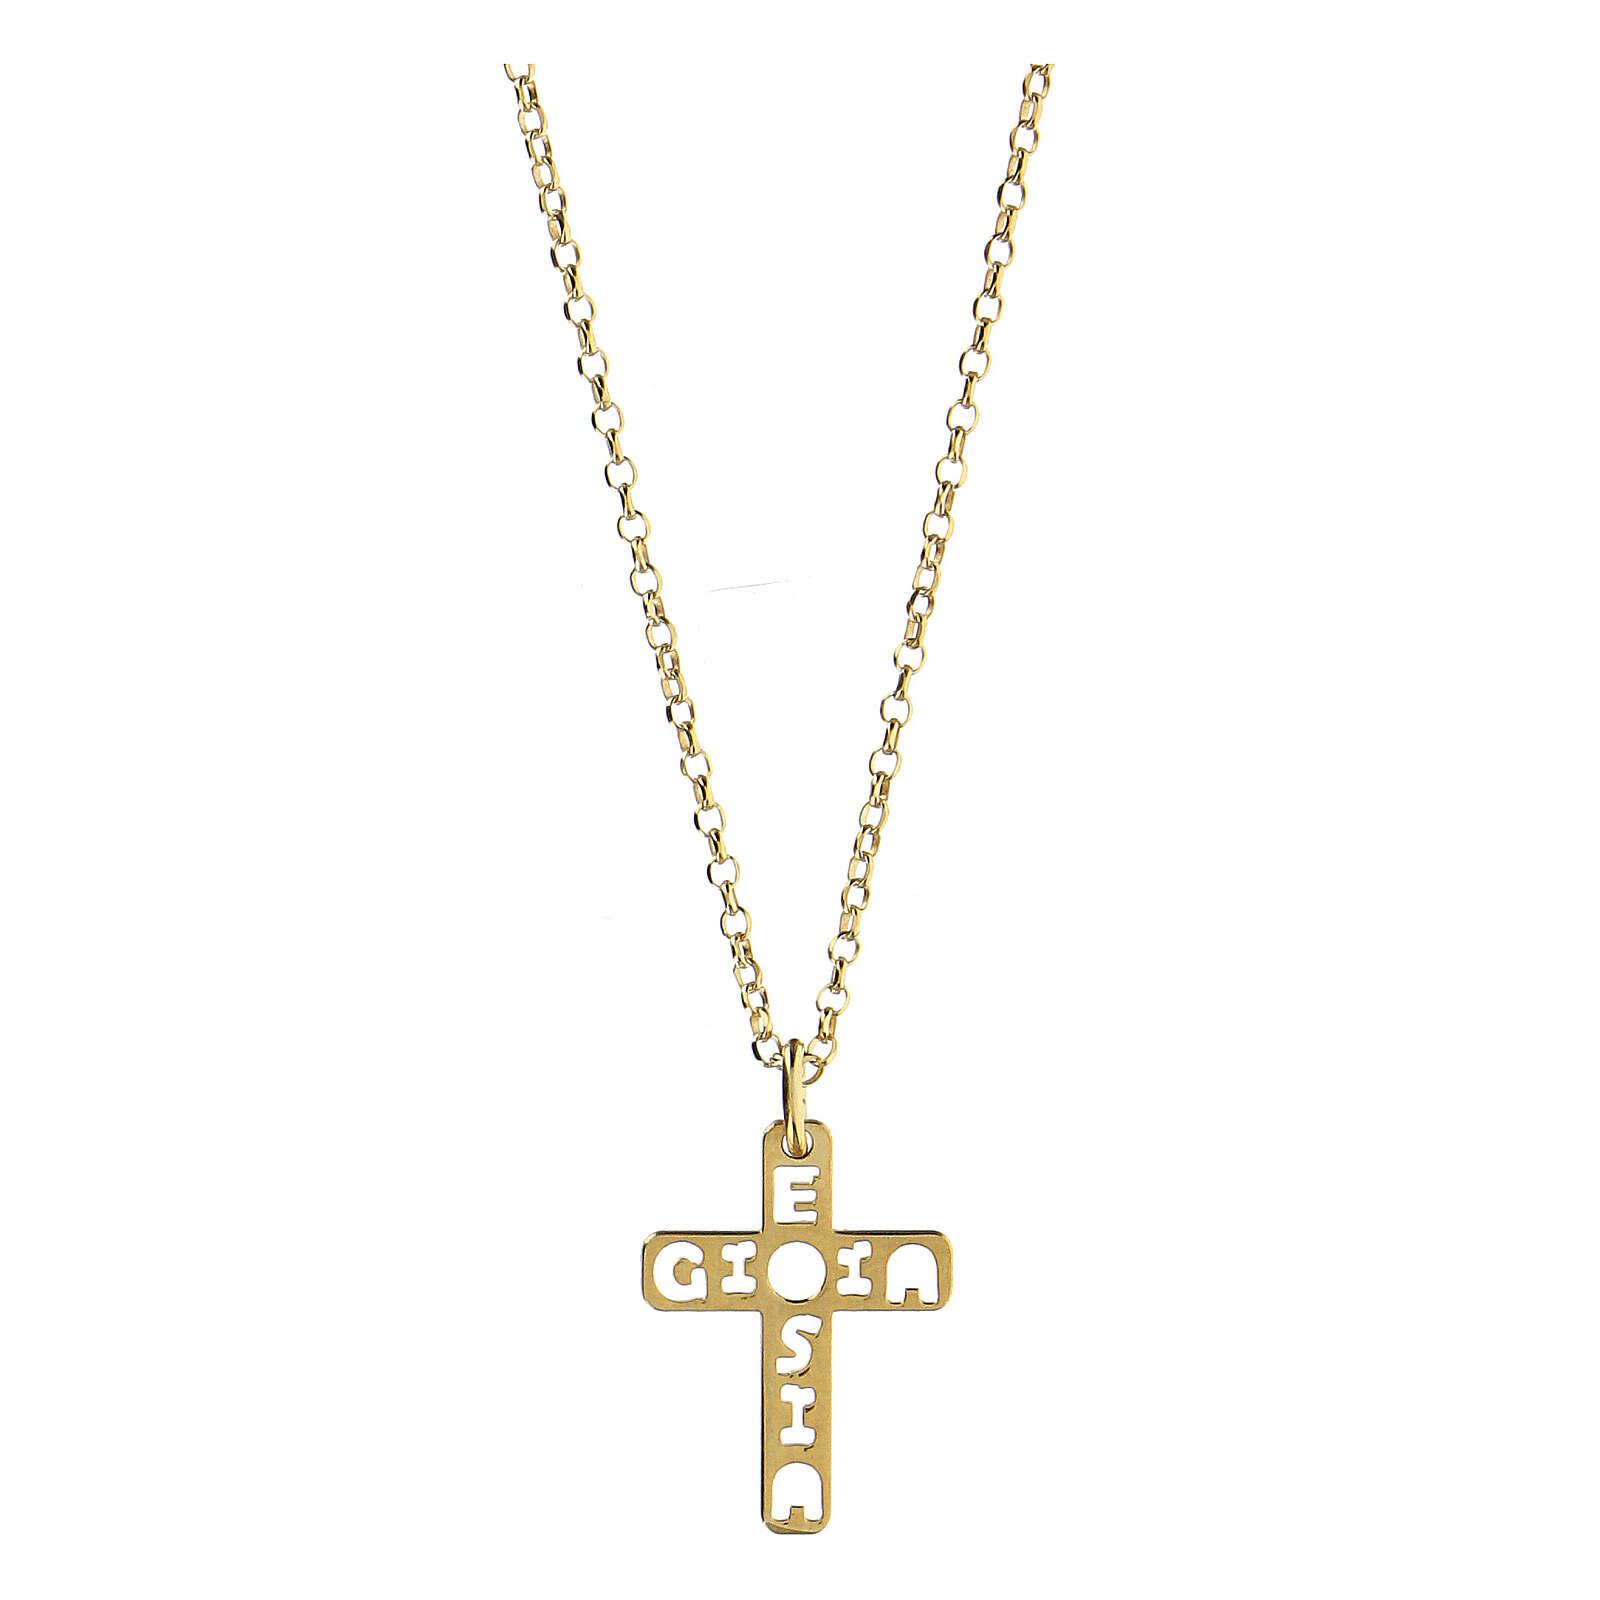 Colgante cruz E Gioia Sia plata 925 dorada 4